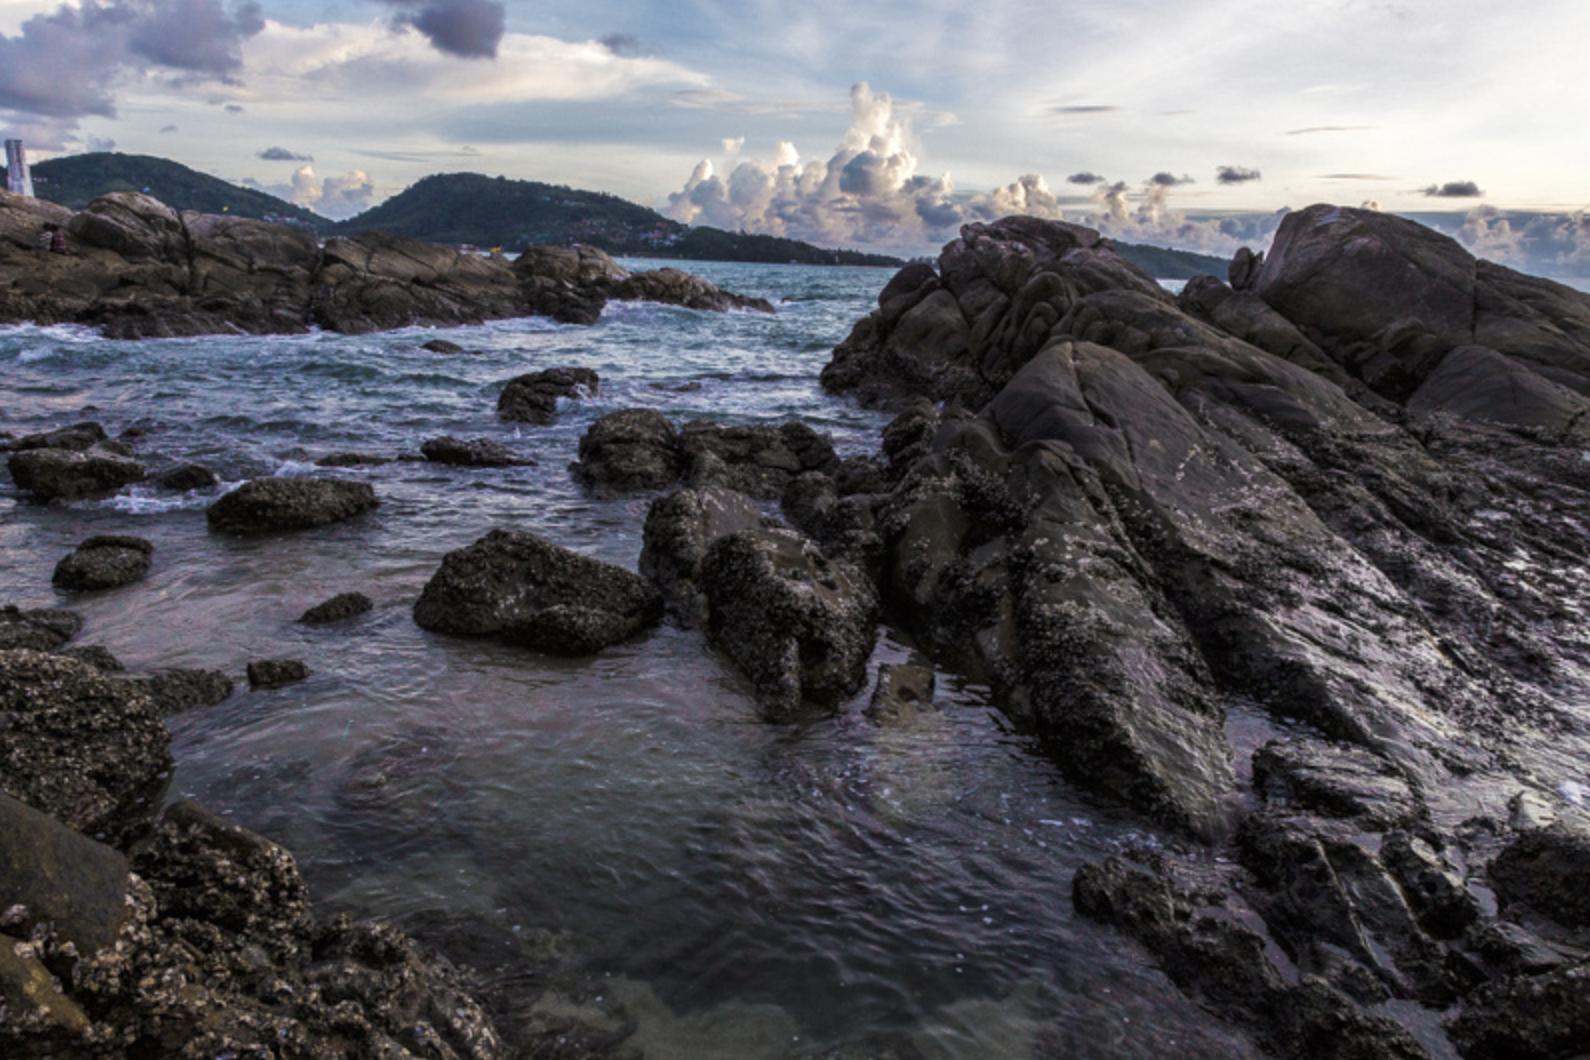 Sunset at Patong Beach, Phuket